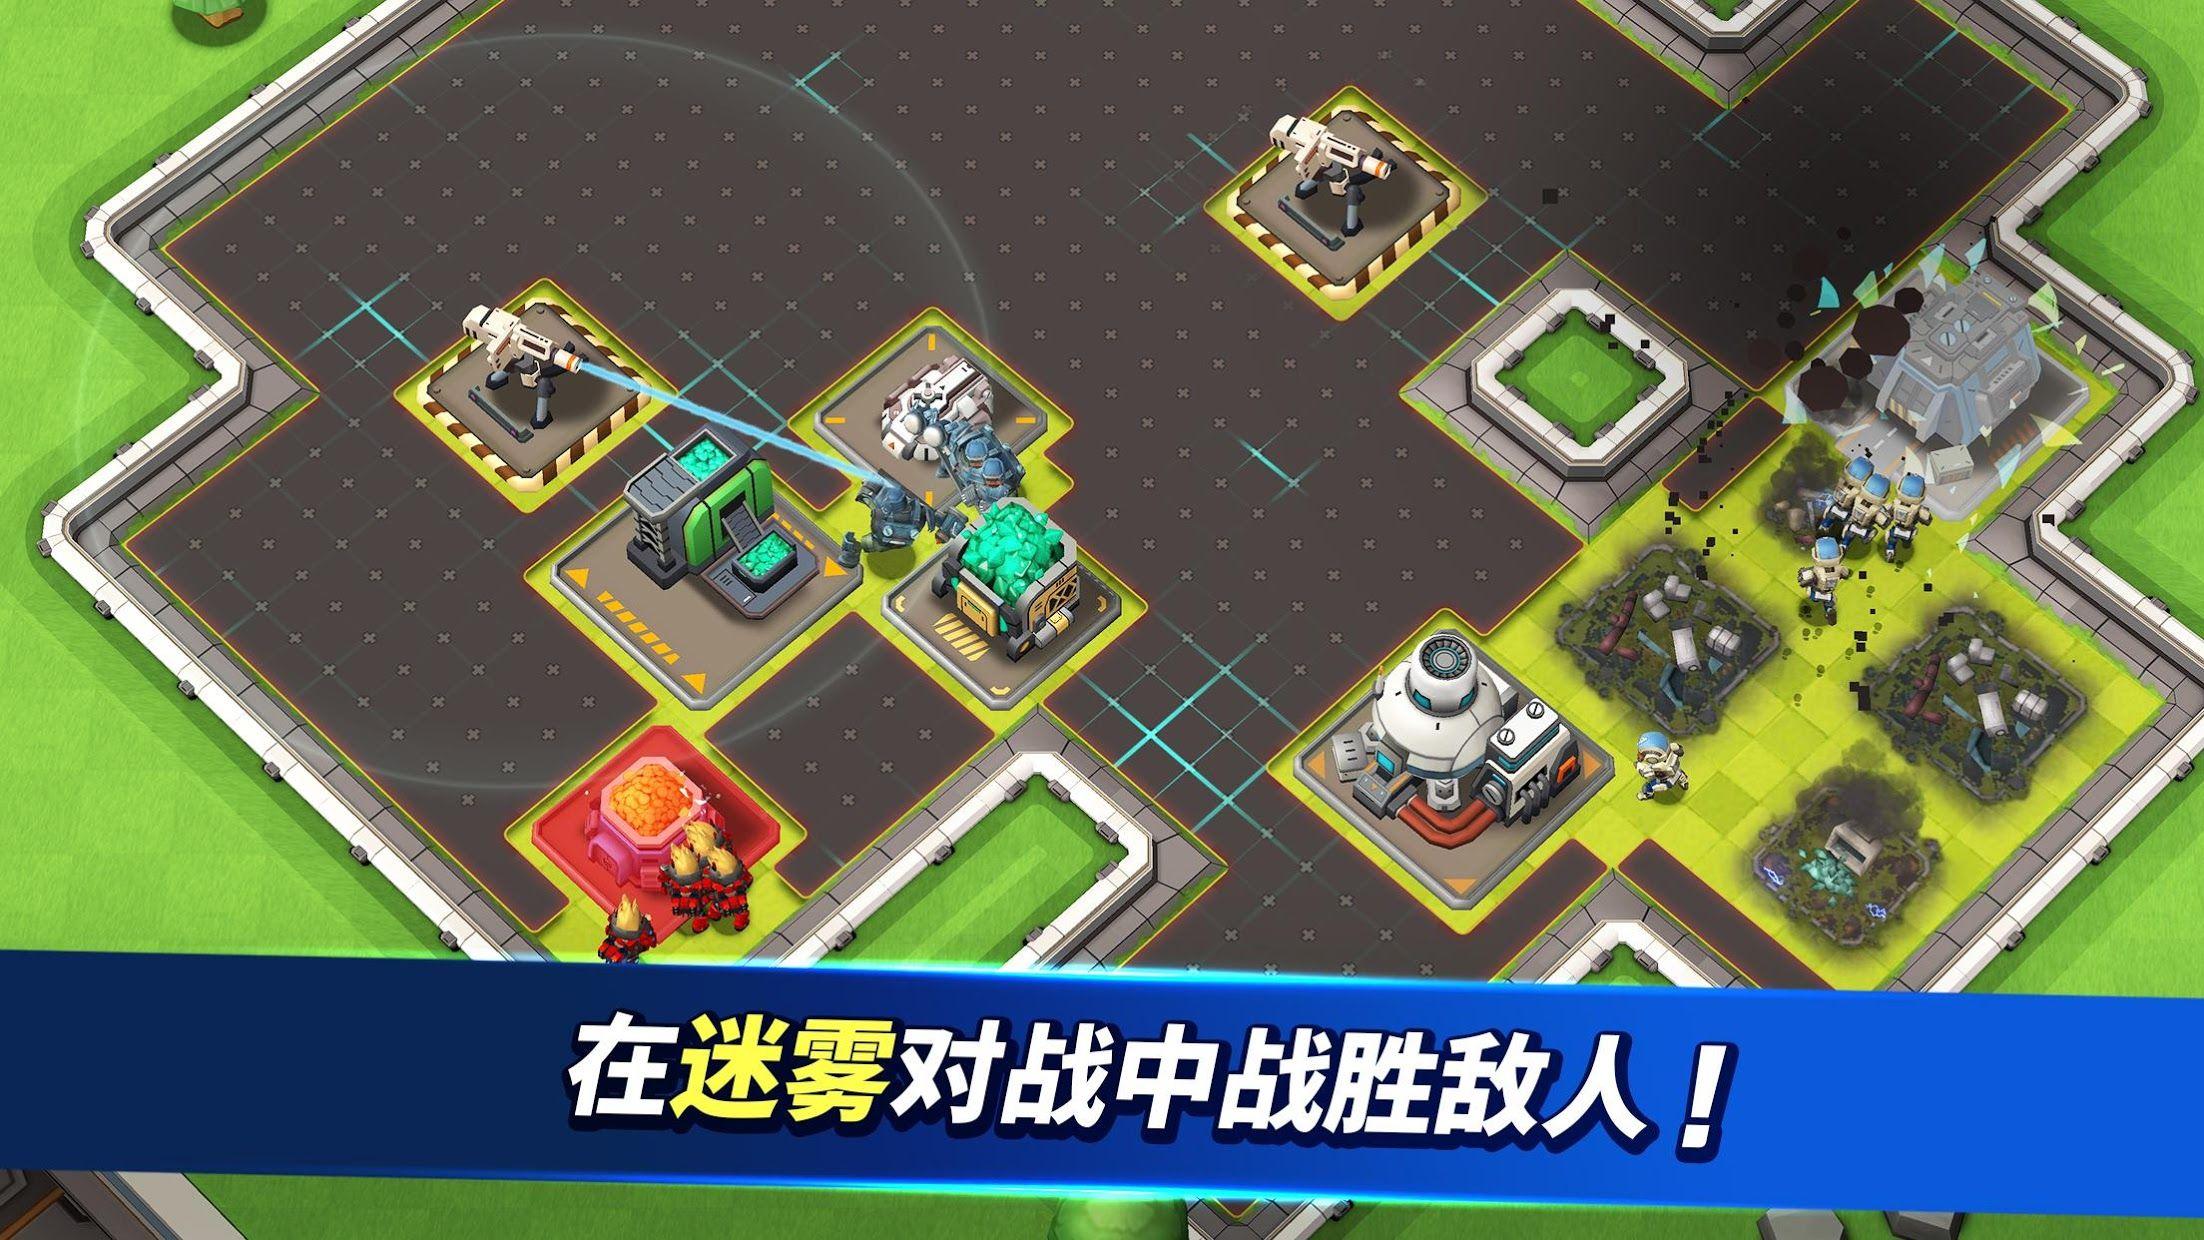 火箭战争:迷雾冲突 游戏截图2